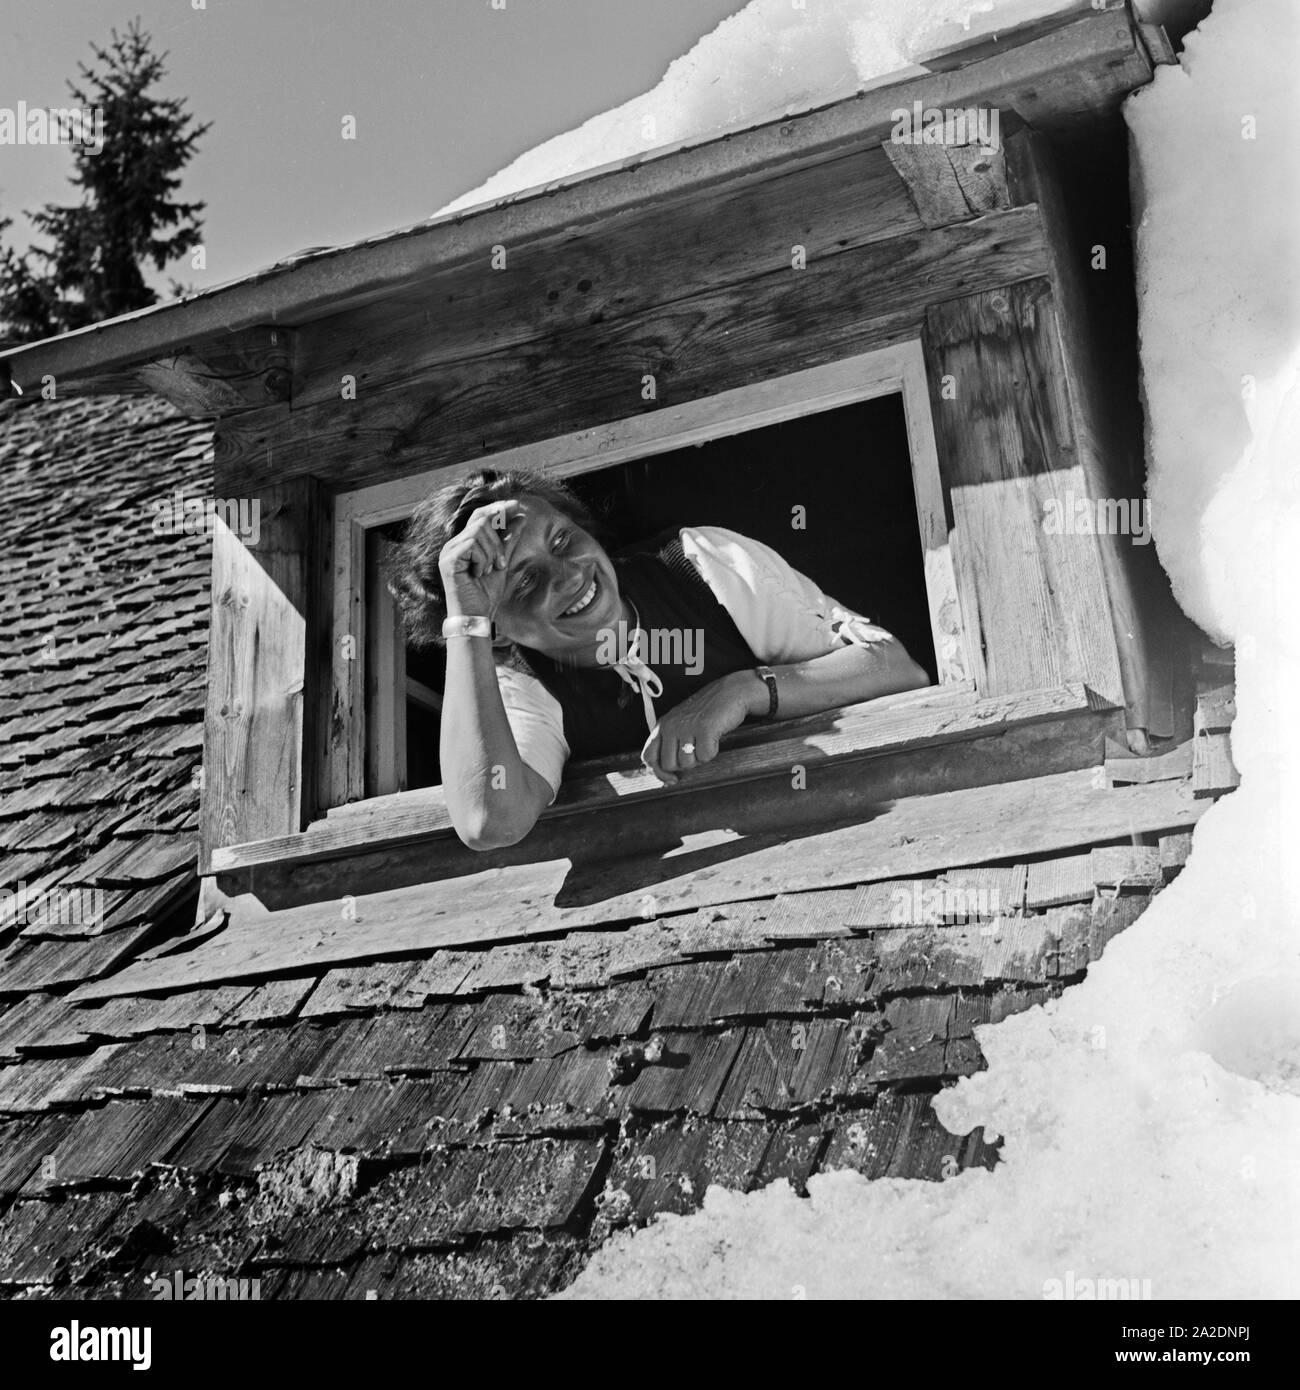 Eine junge Frau schaut aus einem verschneiten Dachfenster, Deutschland 1930er Jahre. A young woman at a snowed in roof window, Germany 1930s. Stock Photo